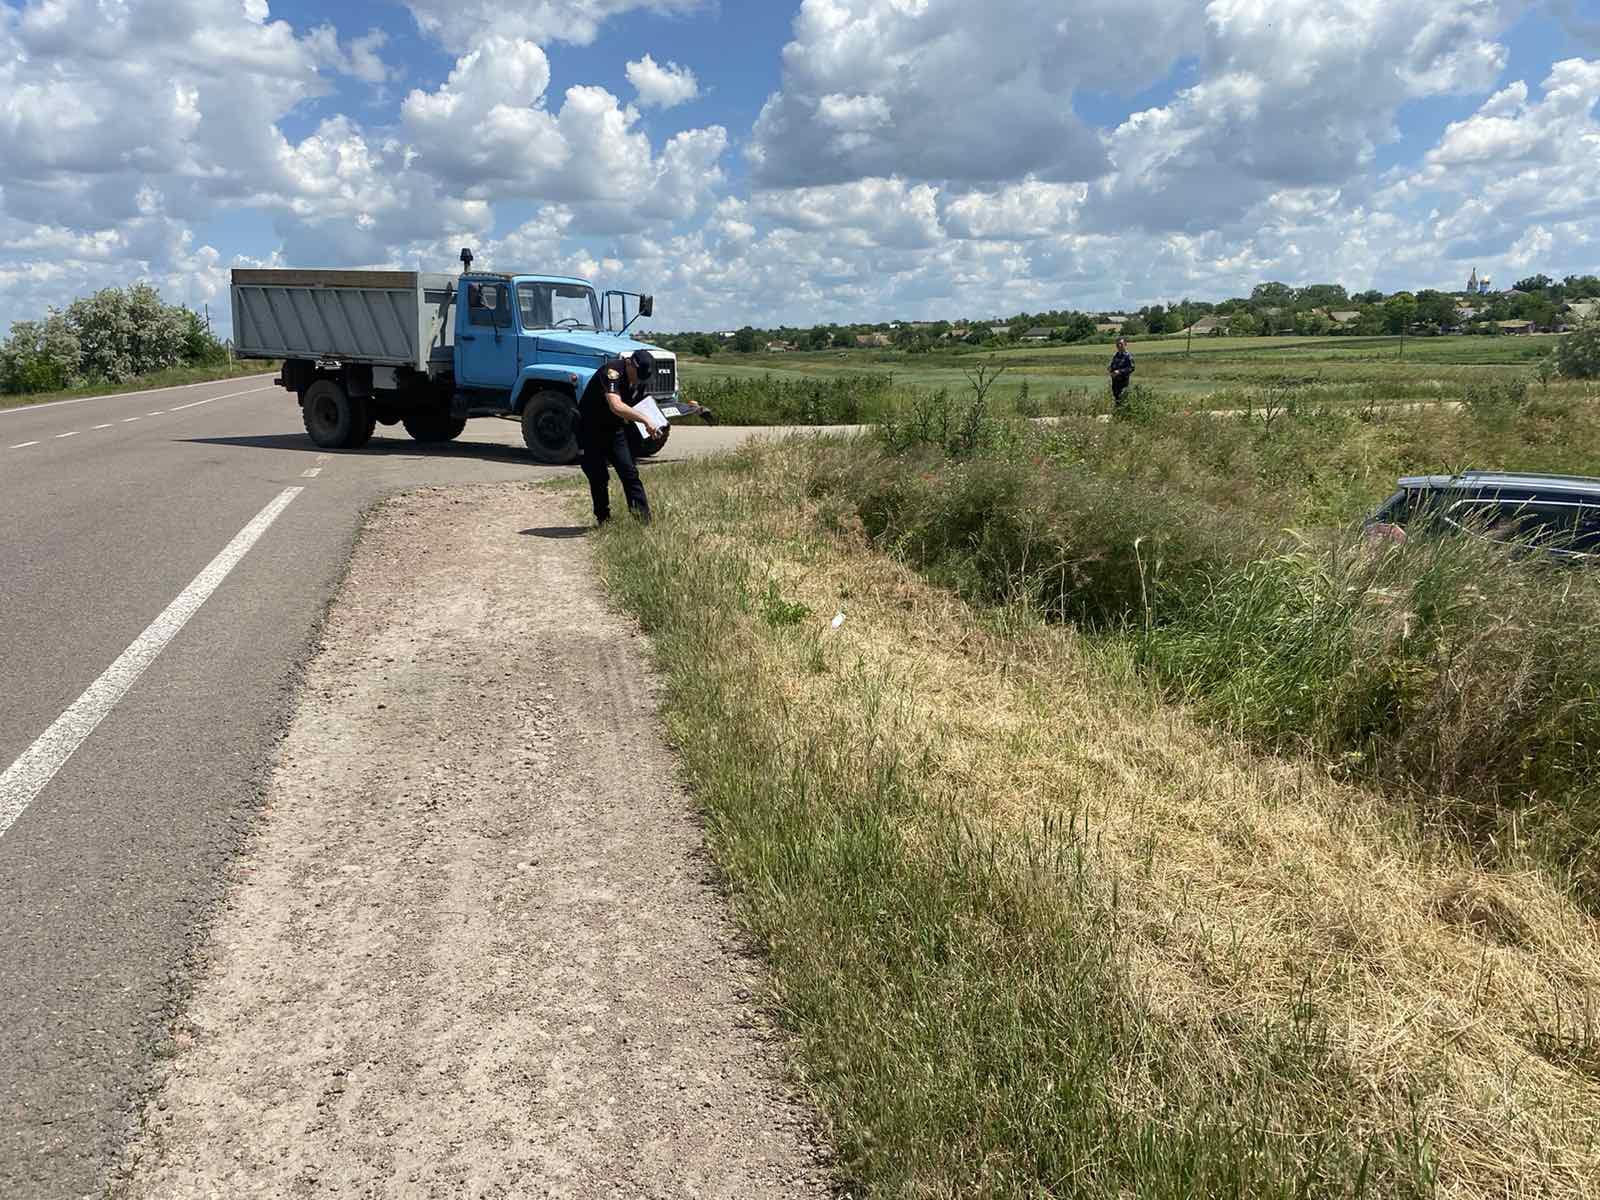 На трассе близ Белолесья легковушка улетела в кювет, не разминувшись с грузовиком (фото)